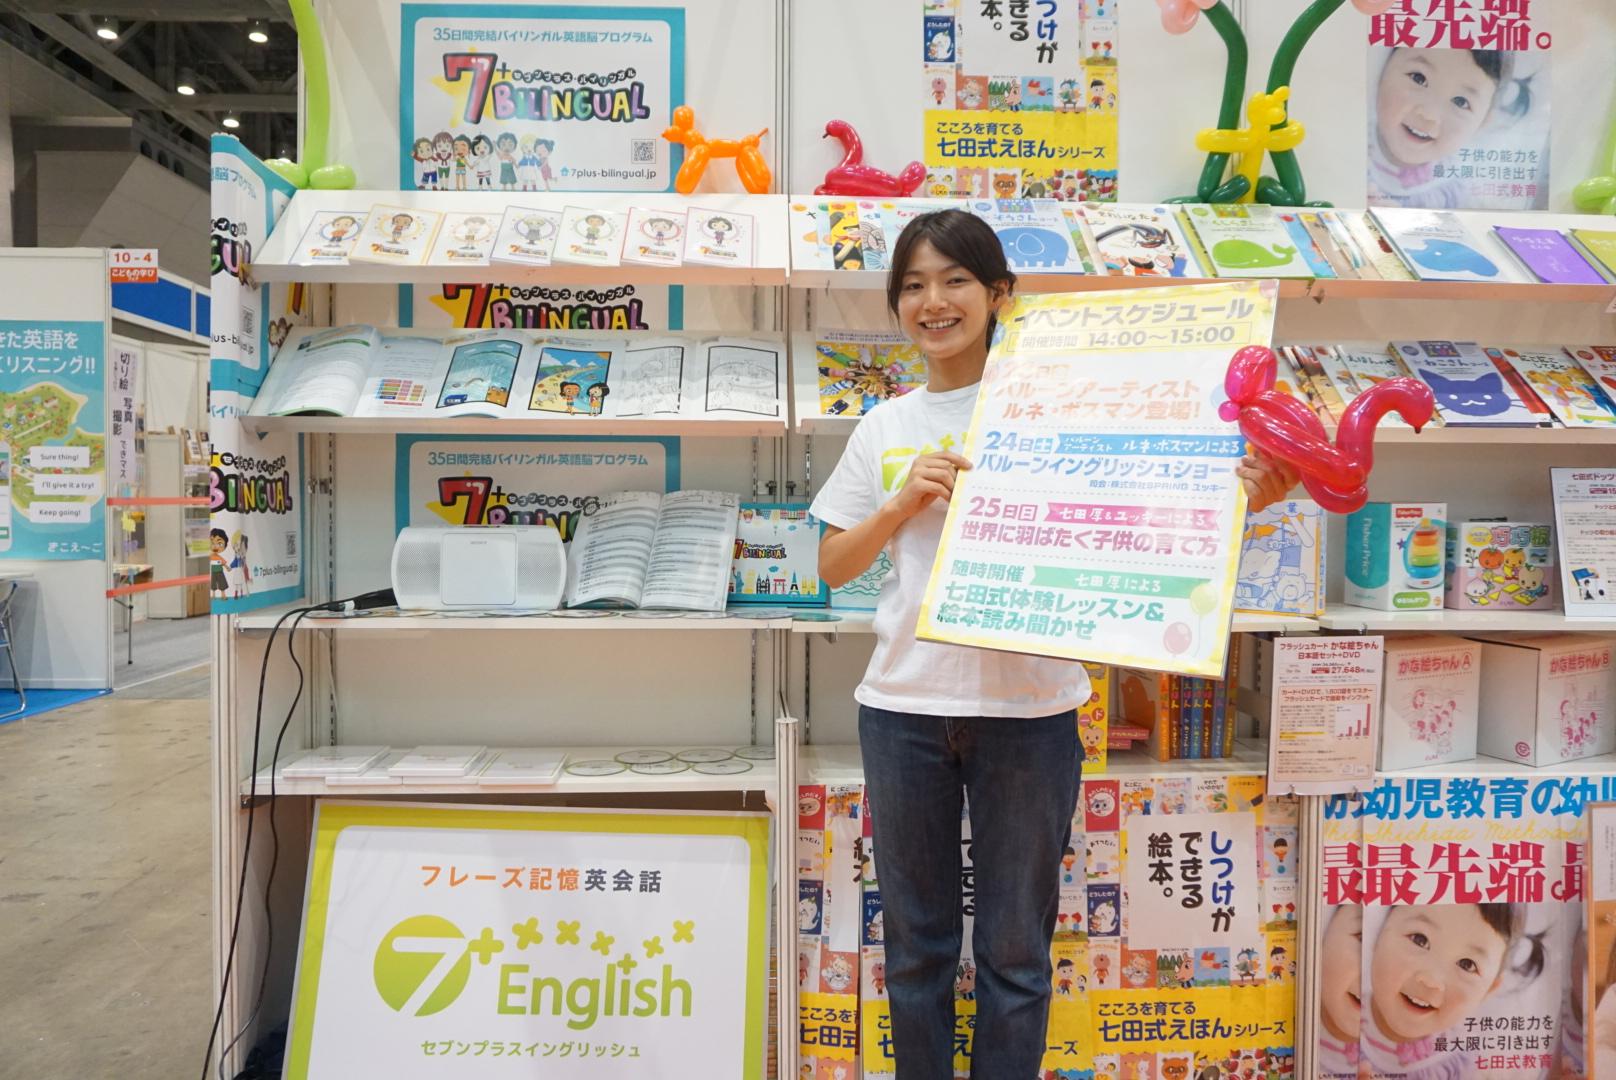 9/24(土)東京国際ブックフェア★本日は英語を使ったバルーンショーを開催します!